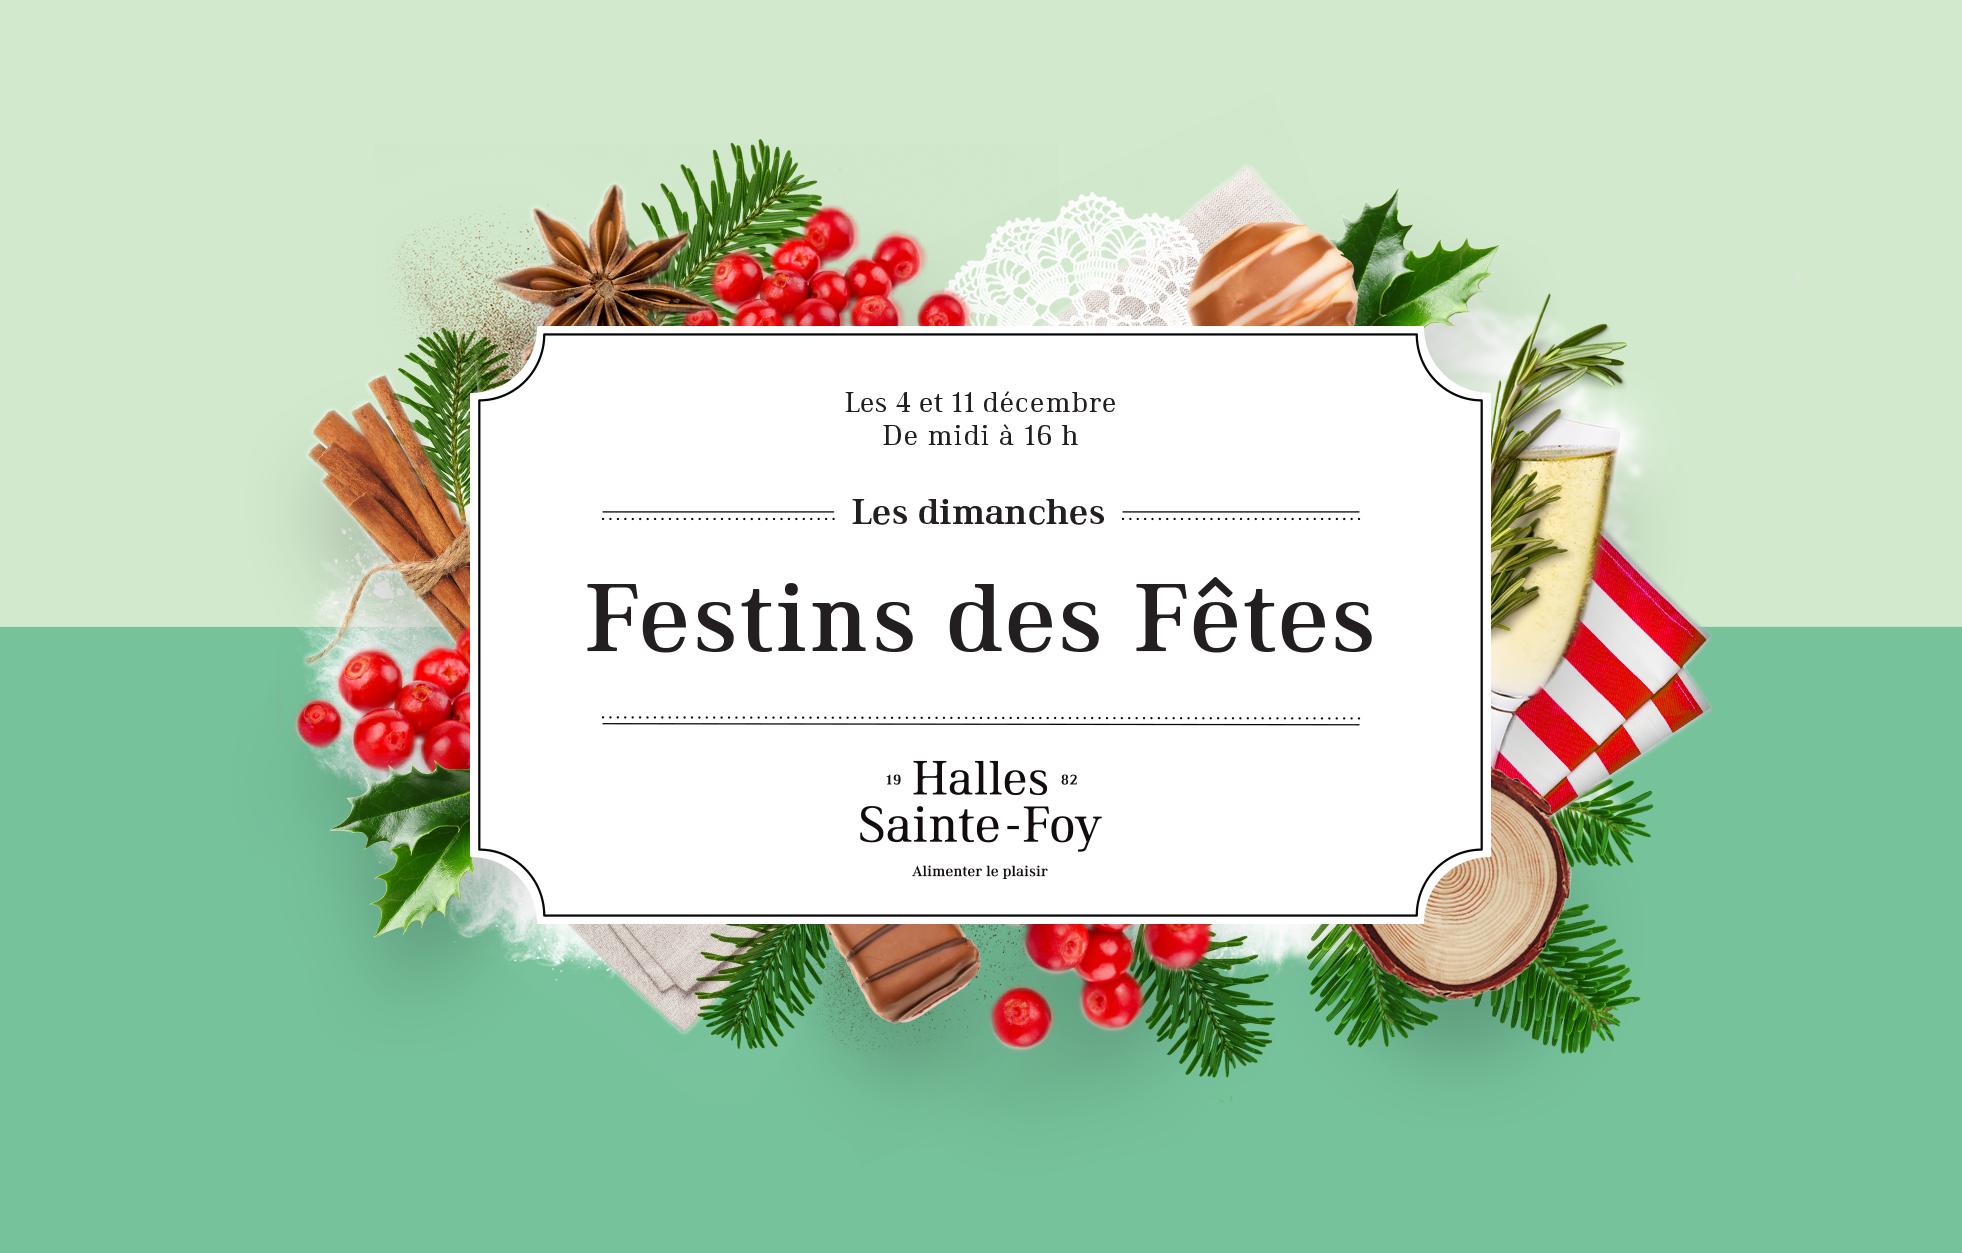 Nouveaux événements gourmands pour Noël aux HSF